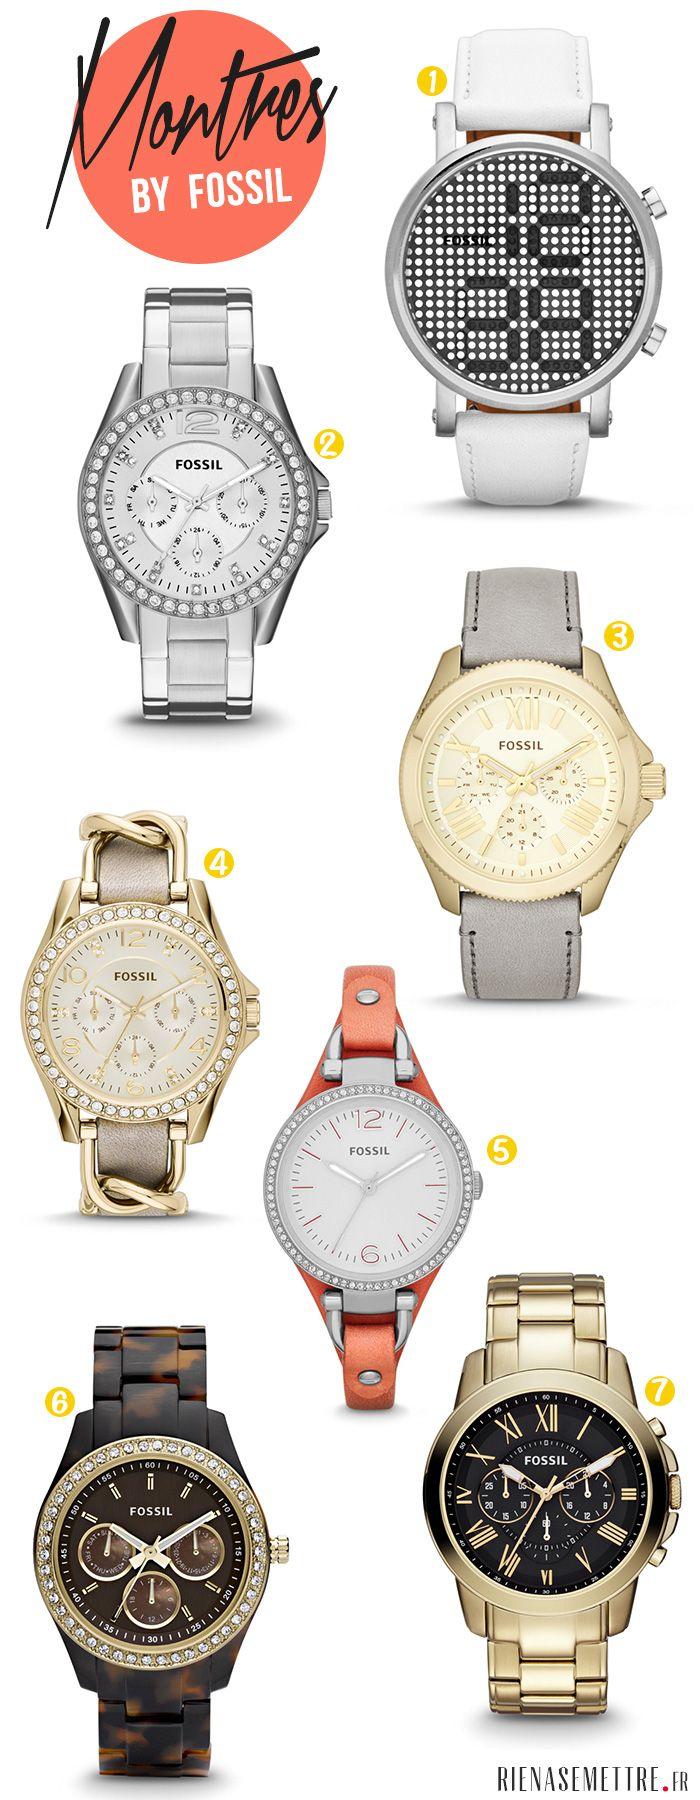 Montre Femme - FOSSIL - 2014 - Mode féminine http://www.rienasemettre.fr/2014/02/montres-focus-sur-les-montres-fossil-2014-pour-femme/